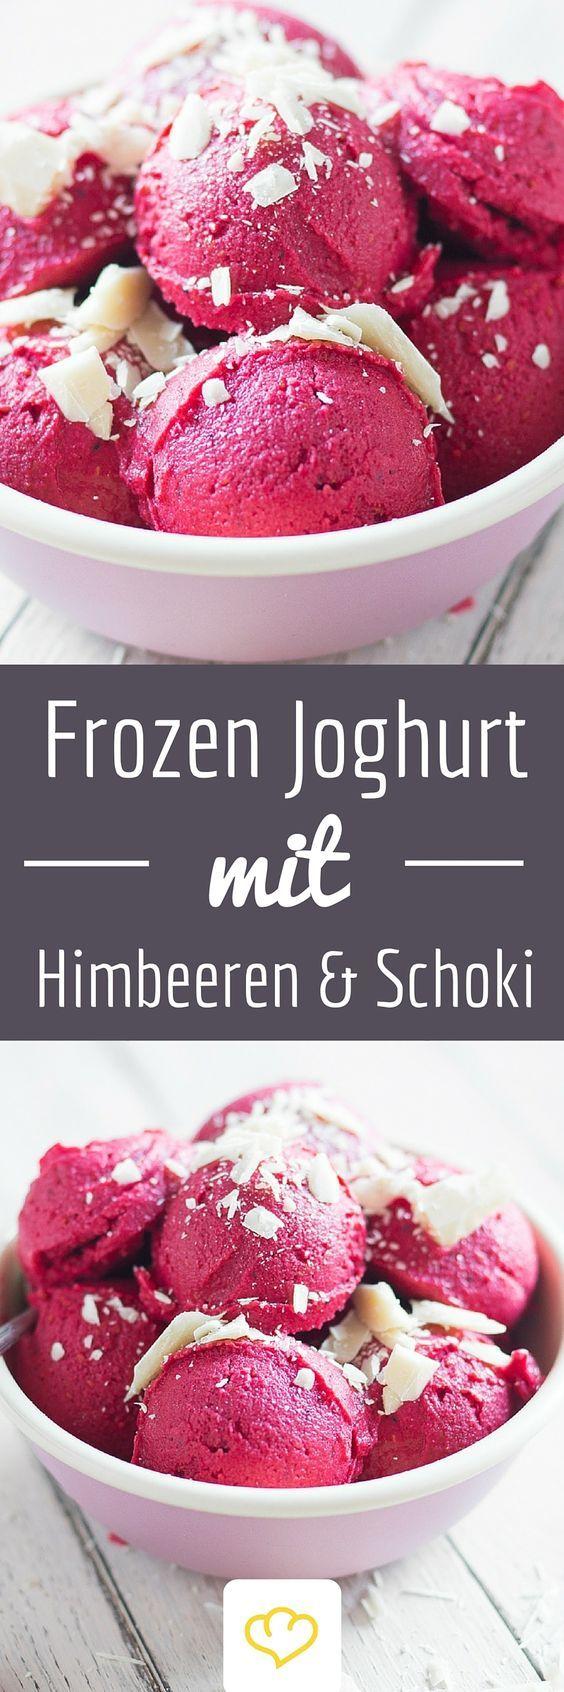 Frozen Joghurt in 5 Minuten? Ja bitte! Einfach tiefgefrorene Himbeeren mit Joghurt pürieren und mit weißer Schokolade verfeinern. Auch lecker: Blaubeeren mit dunkler Schokolade oder Beeren-Mix mit Walnüssen. Für den schnellen Eishunger!: